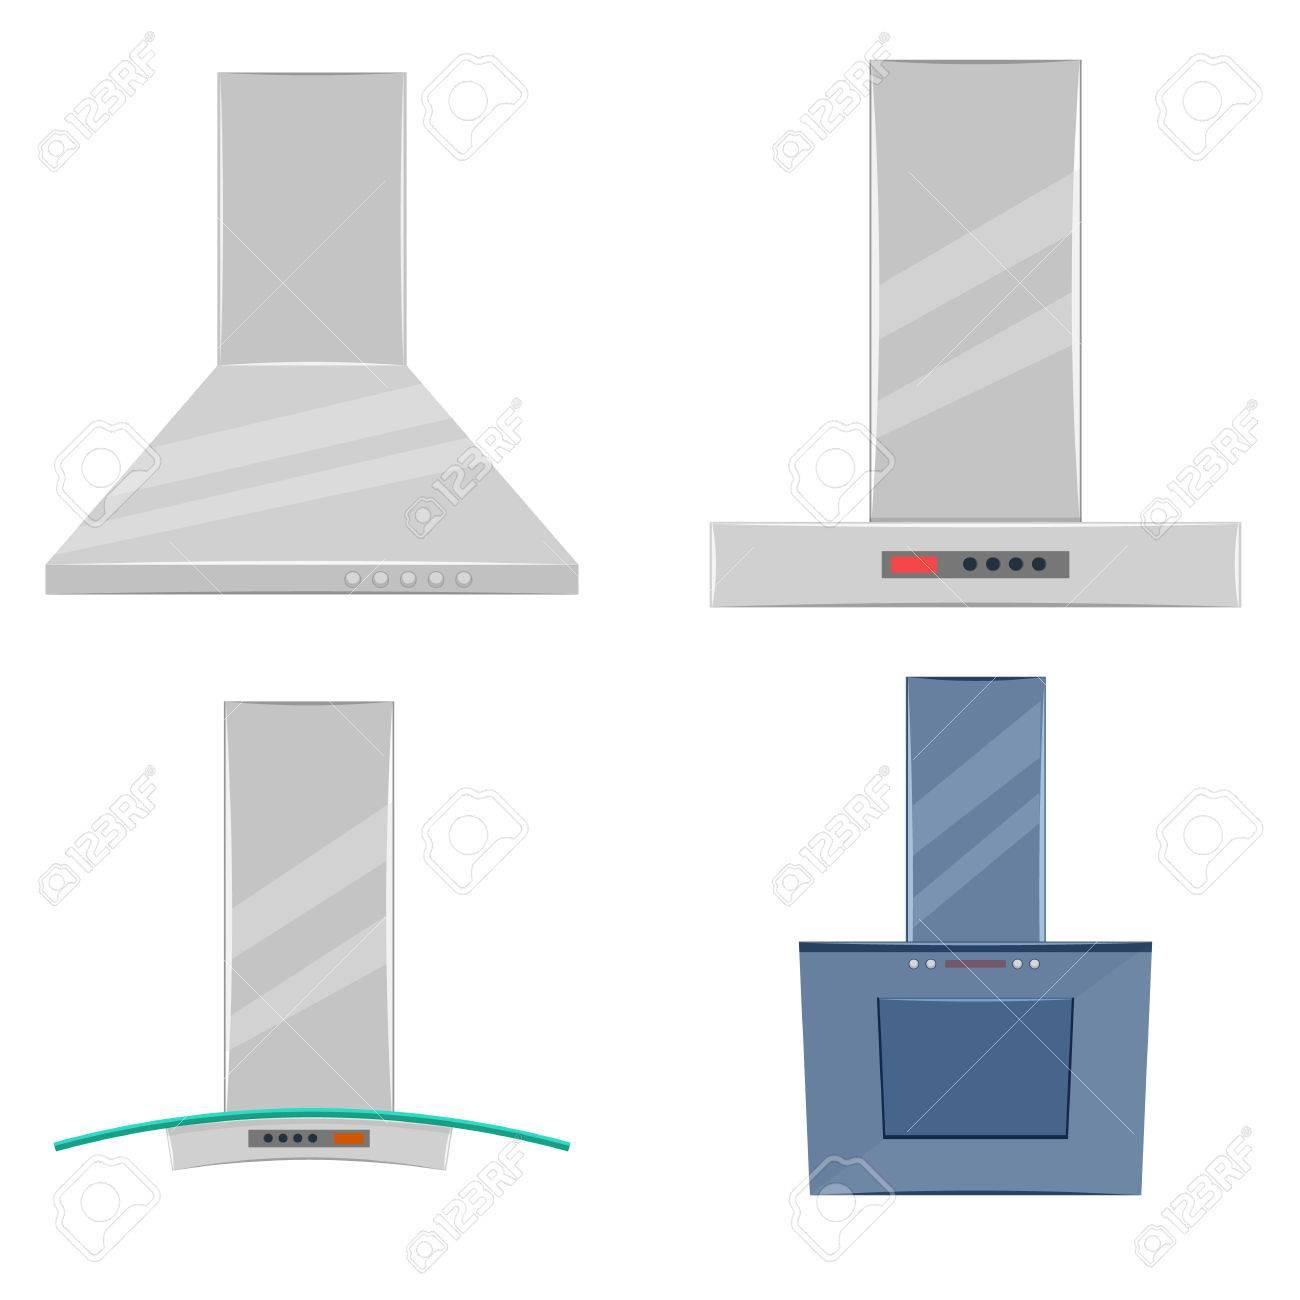 Fantastisch Küchenabzugshaube Zeitgenössisch - Küche Set Ideen ...